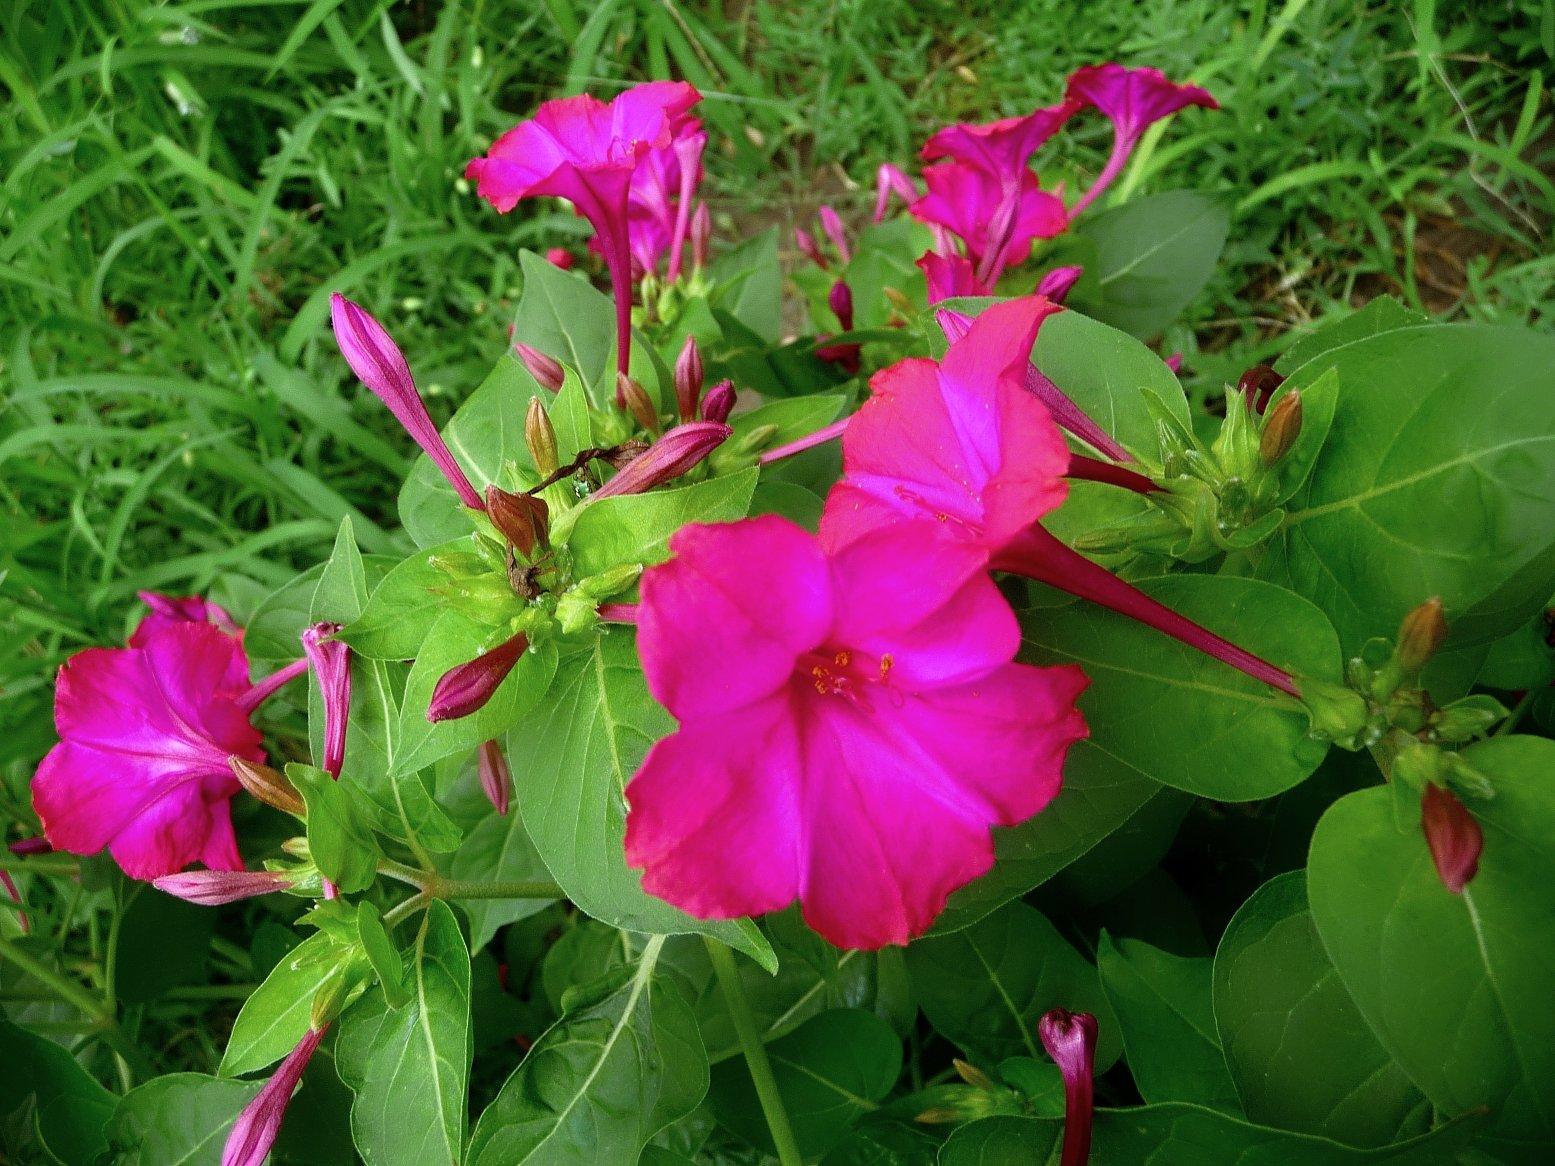 Цветок ночная красавица (мирабилис посадка и уход, фото) 100